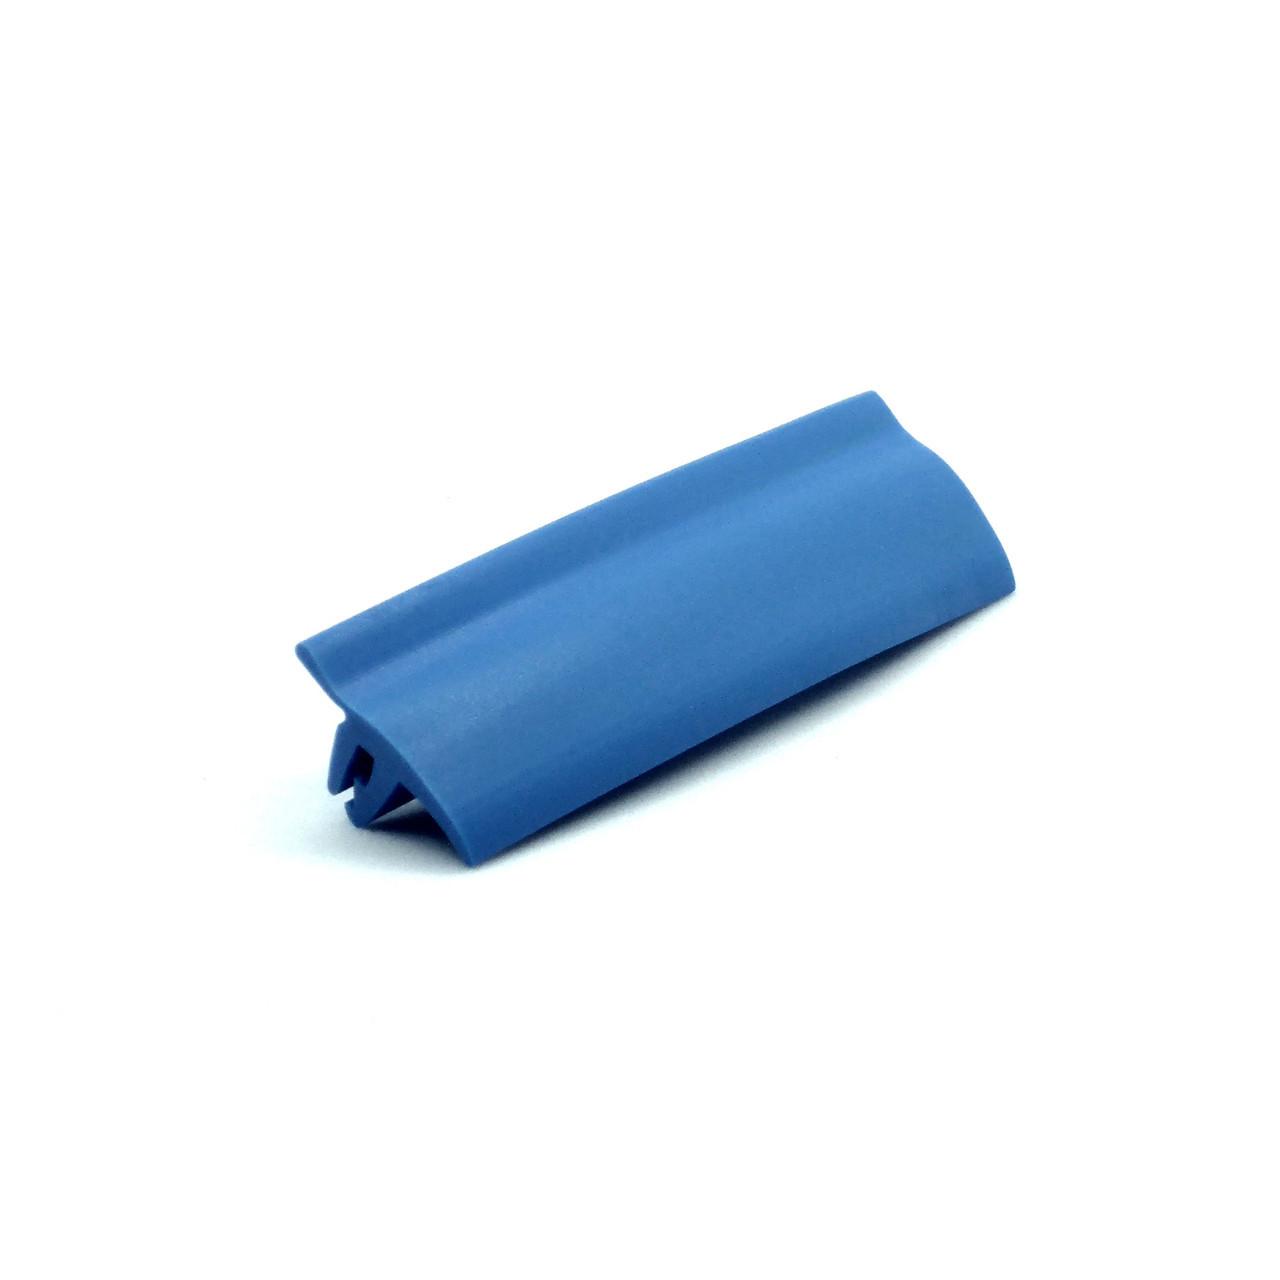 Вставка заглушка декоративная - L120. Широкая - 14 мм